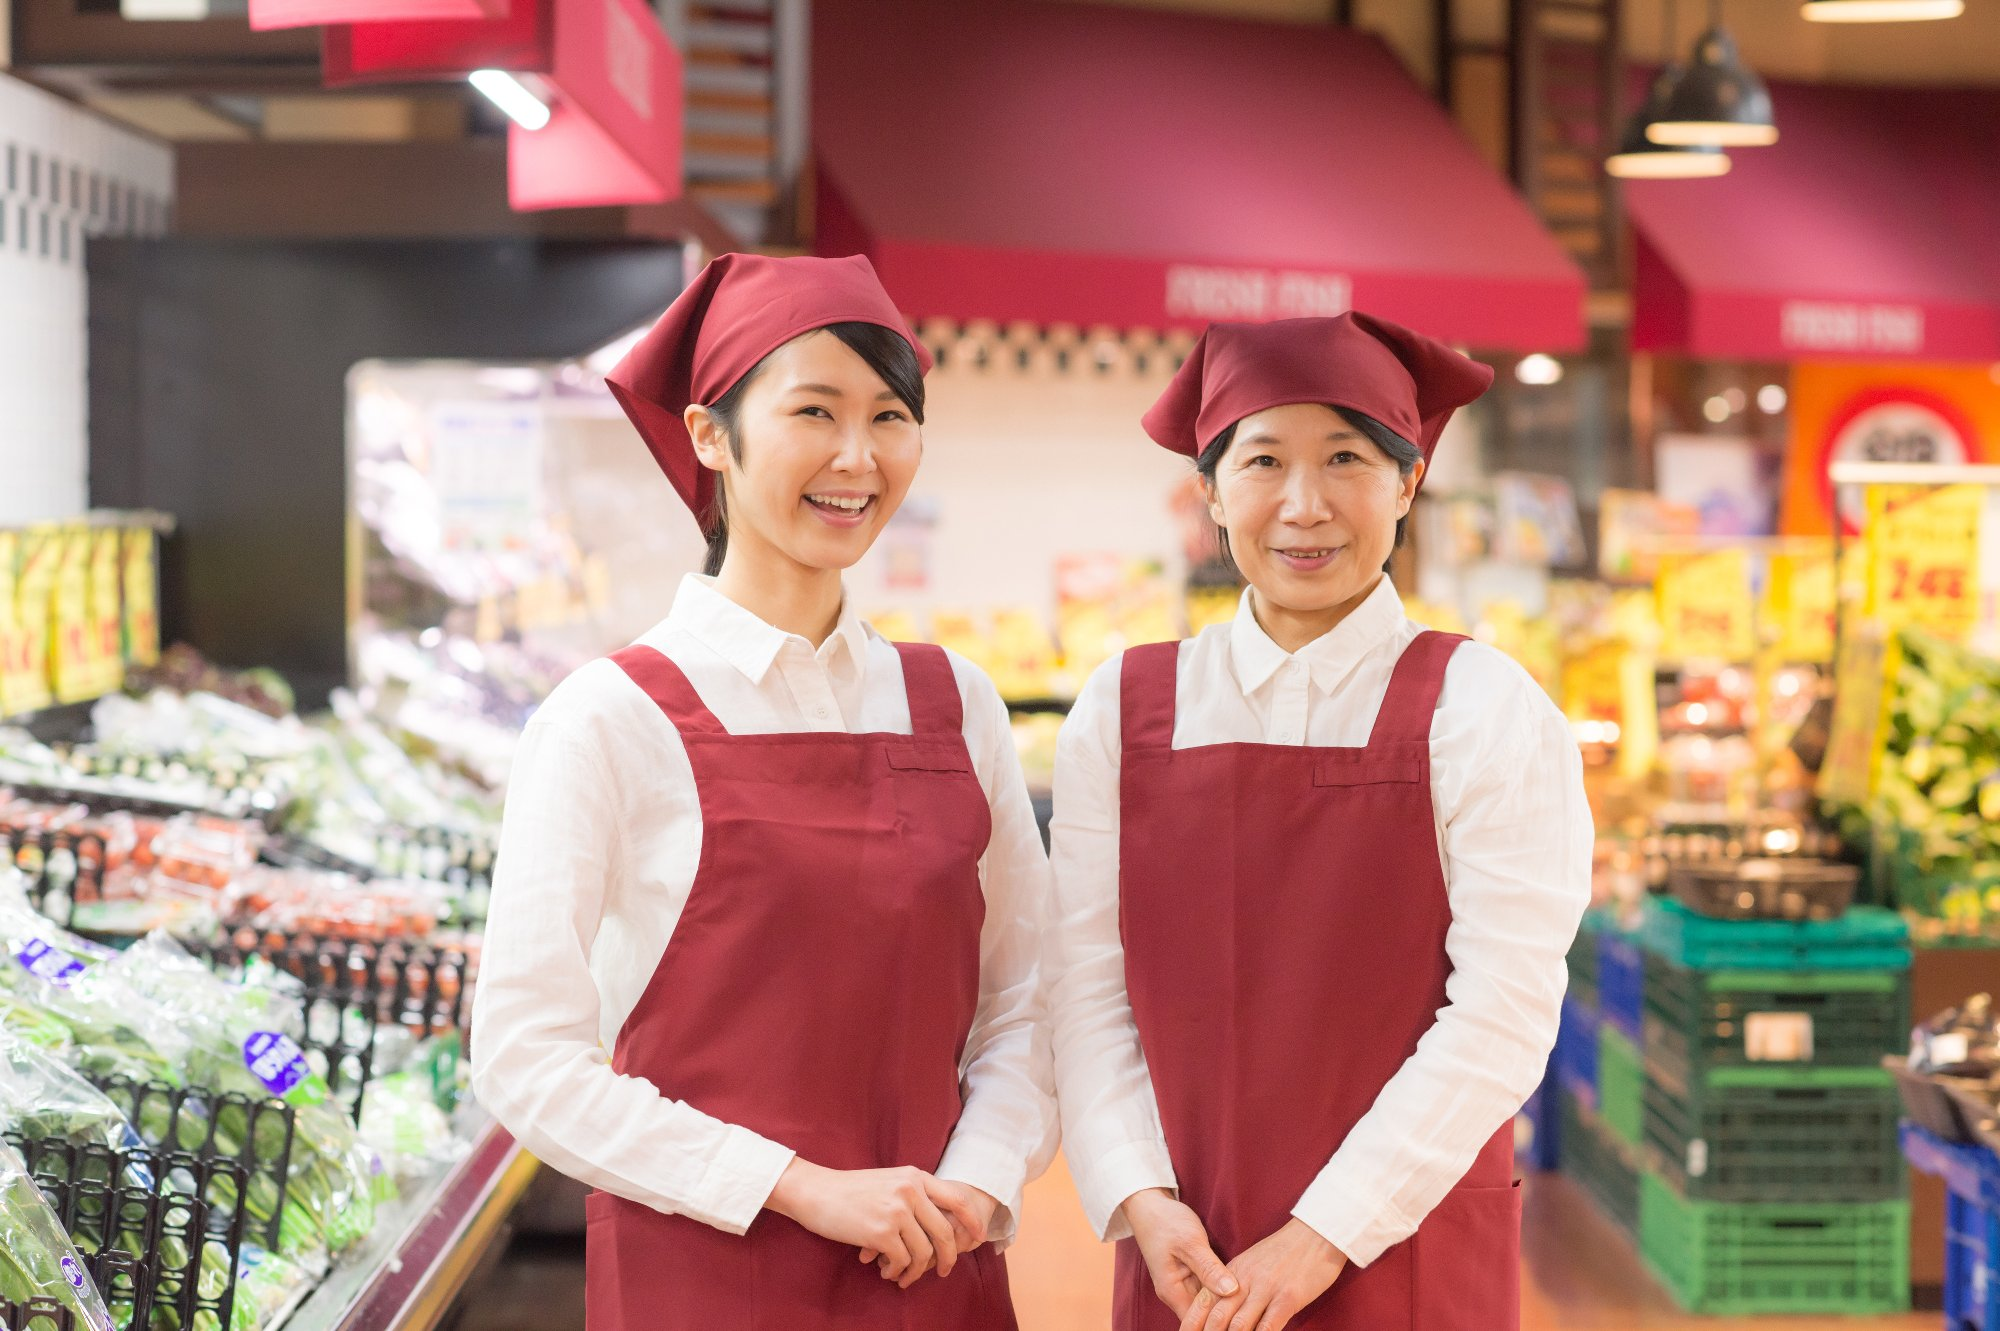 さいたま市北区≫スーパーでのパック詰め・品出し業務【1日4時間~...